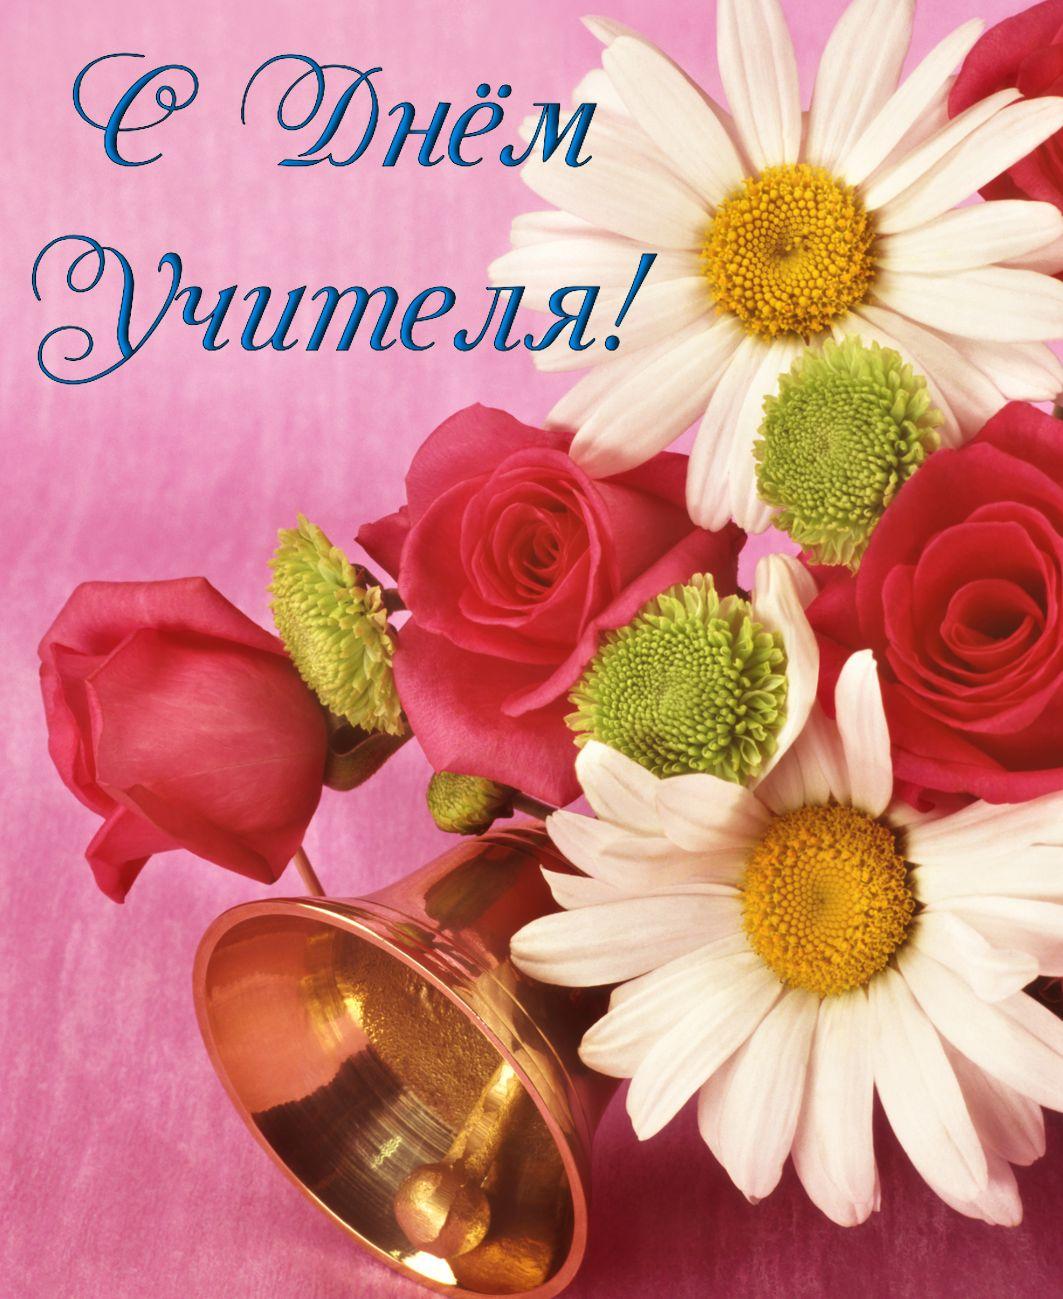 Женщине картинки, поздравительные открытки для любого праздника